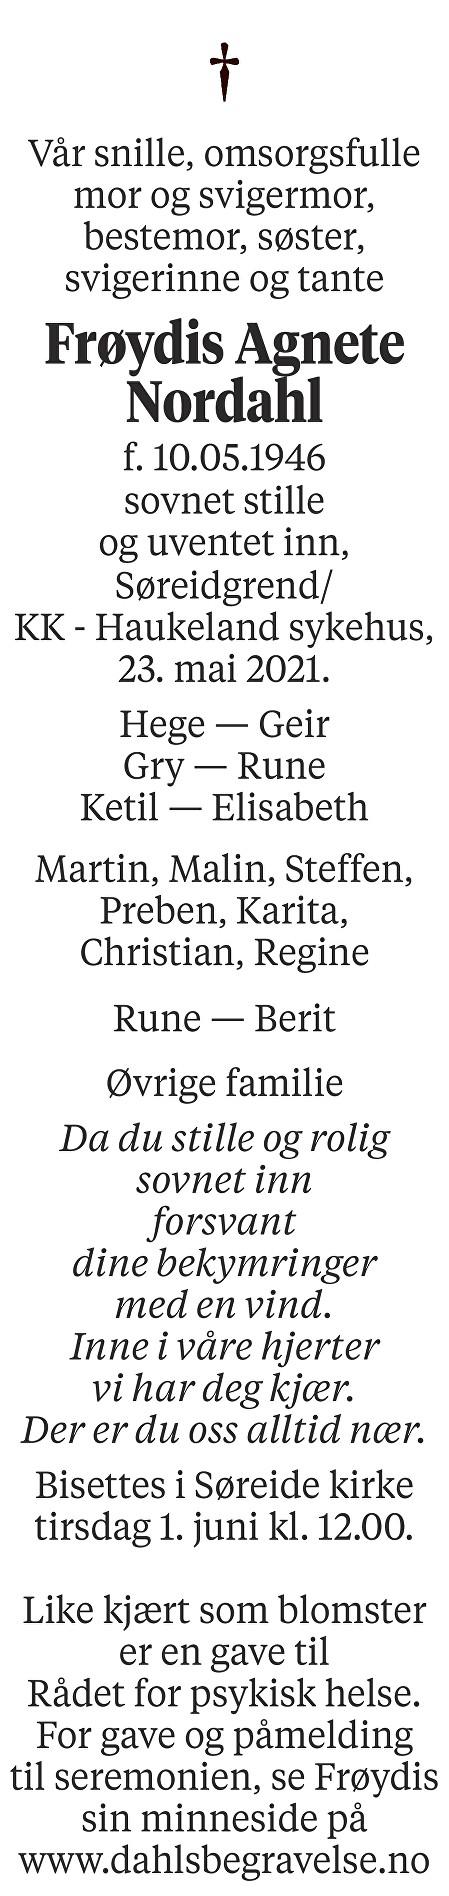 Frøydis Agnete Nordahl Dødsannonse